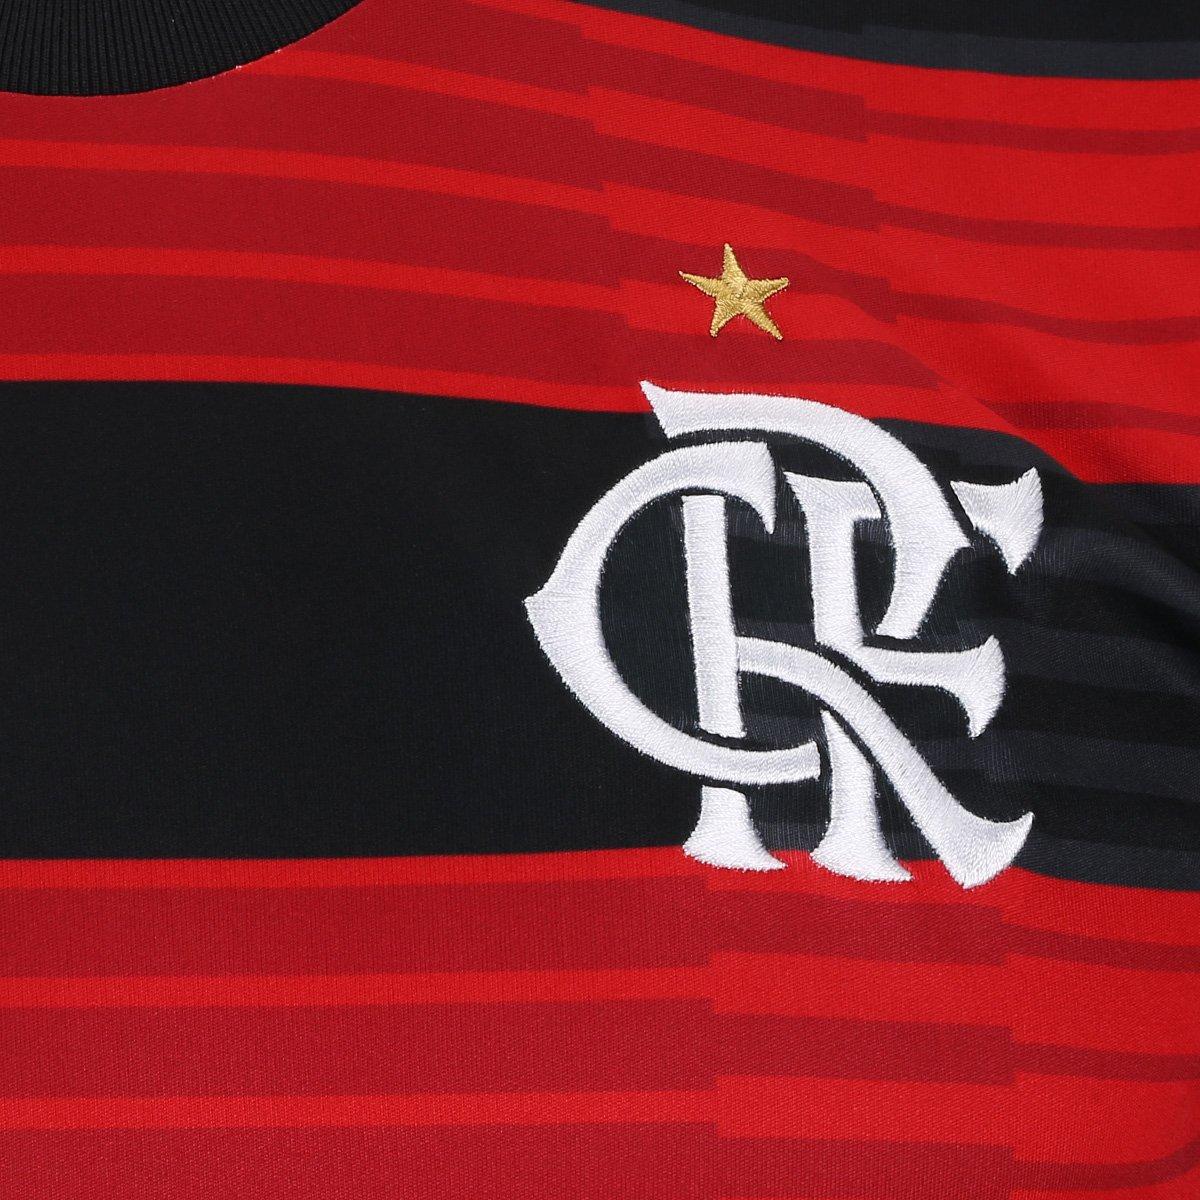 6546cb037d Regata Flamengo I 2018 Torcedor Adidas Masculina - Compre Agora ...